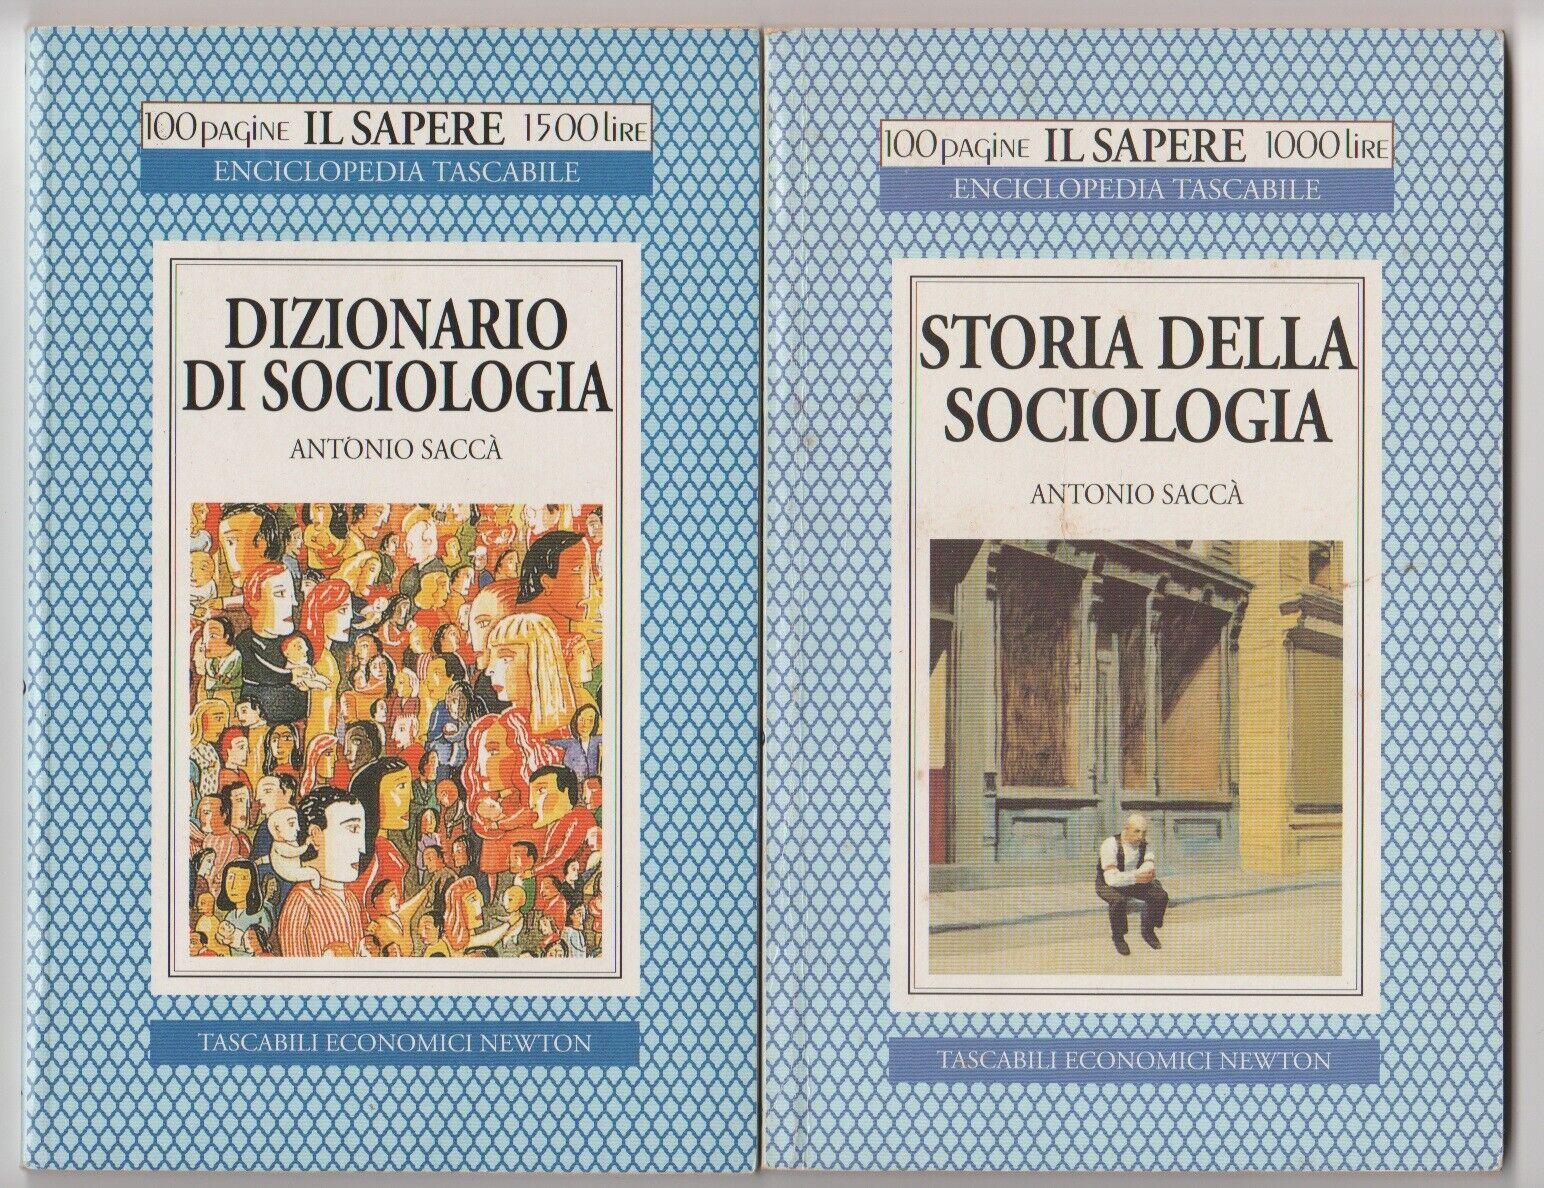 Dizionario di sociologia + Storia della sociologia